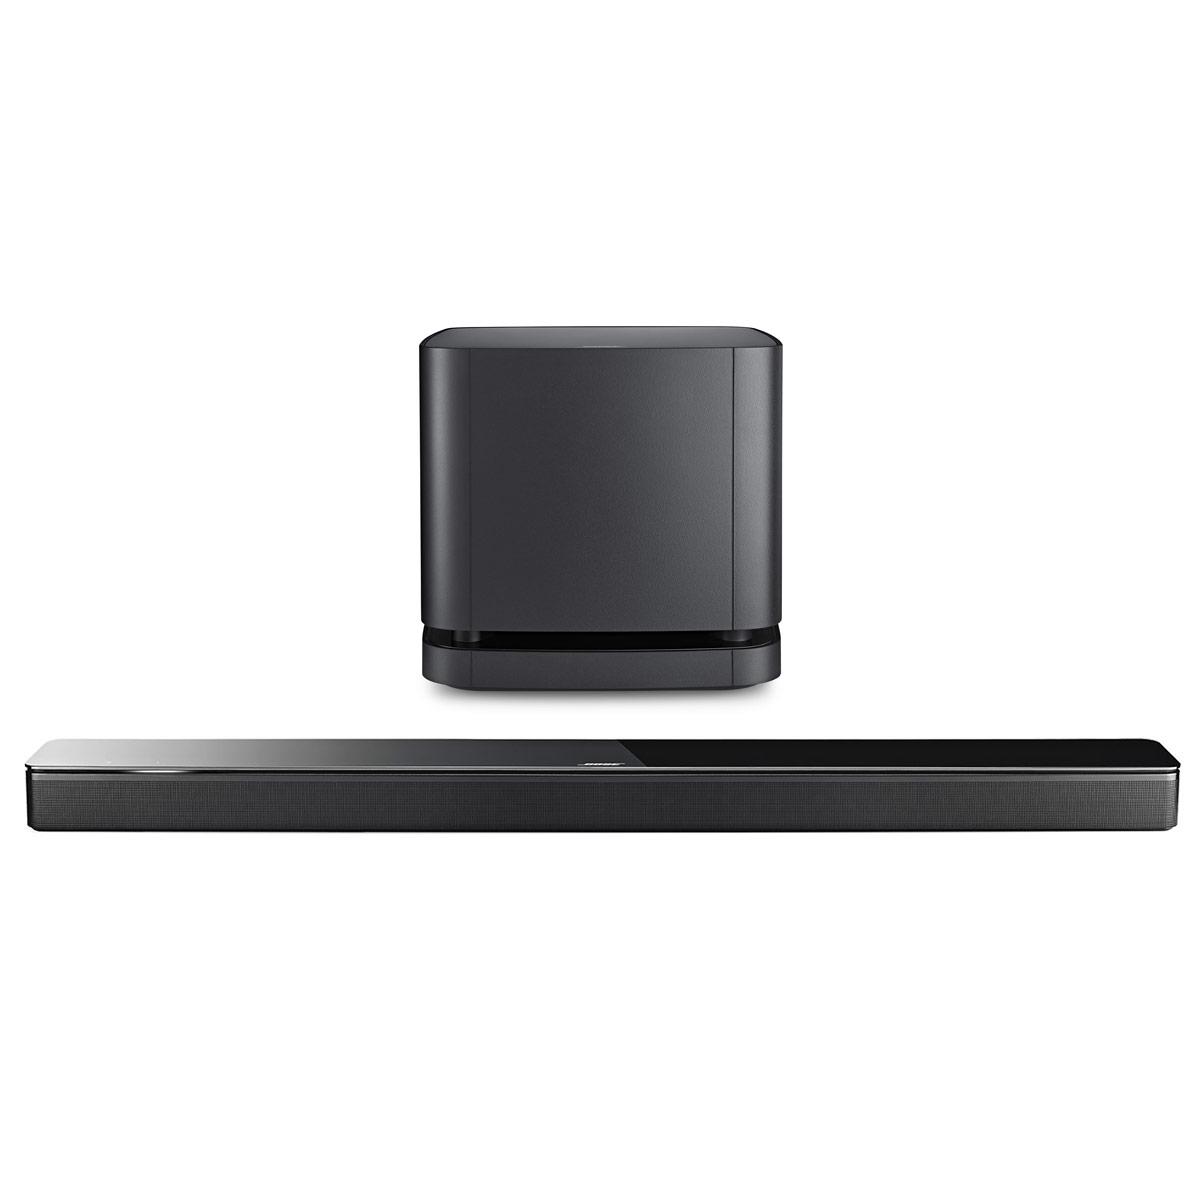 Barre de son Bose Soundbar 700 Noir + Bass Module 500 Noir Barre de son multiroom - Bluetooth - Wi-Fi - Amazon Alexa - Spotify/Deezer - Autocalibration - Télécommande universelle + Module de basses sans fil